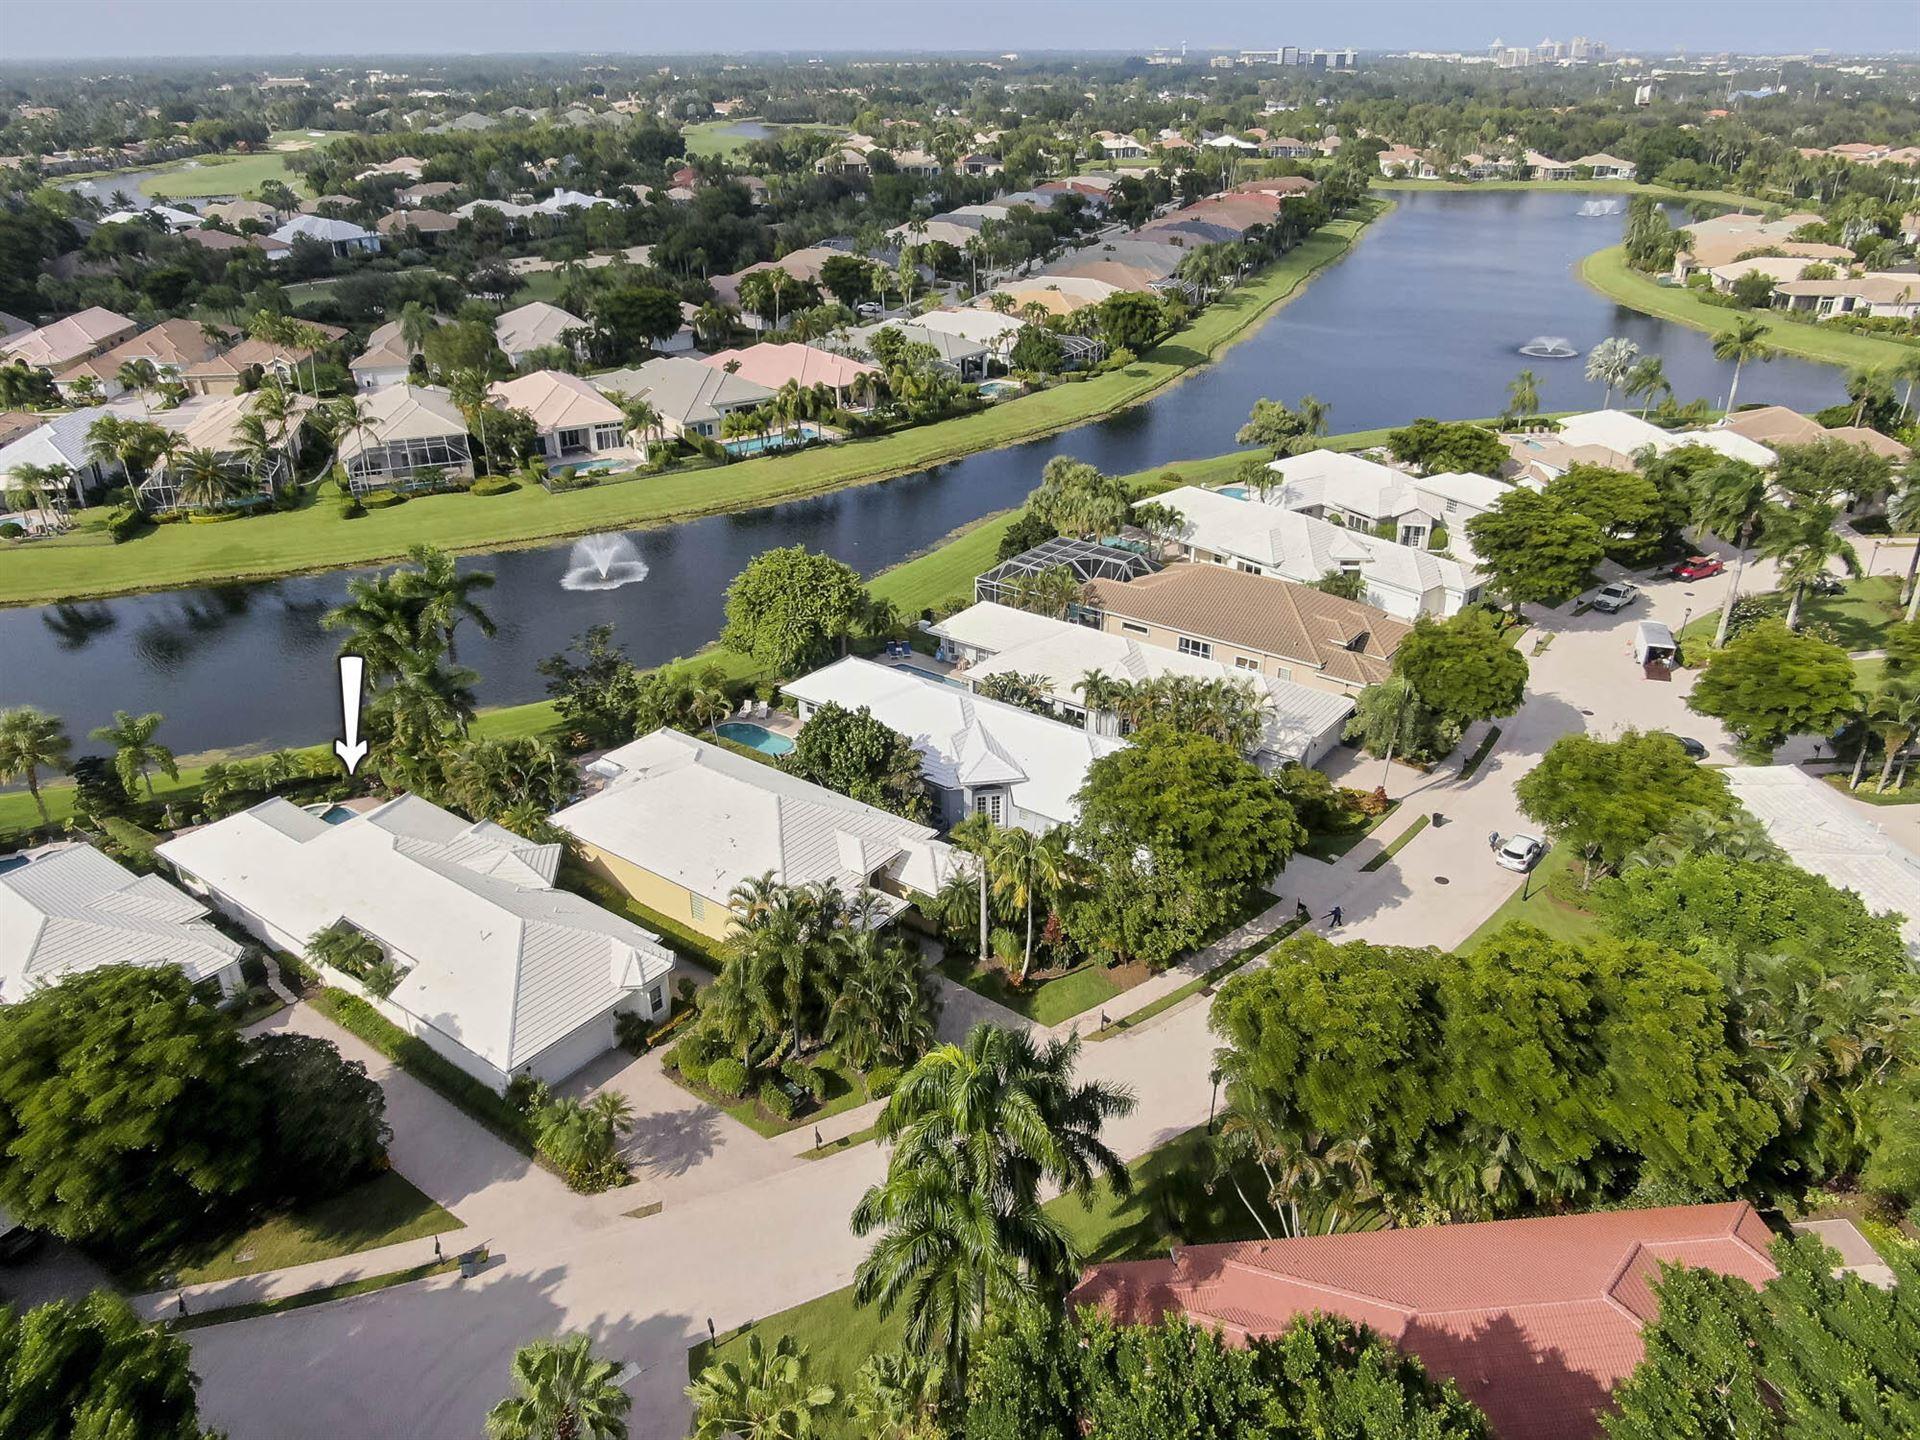 Photo of 121 Victoria Bay Court, Palm Beach Gardens, FL 33418 (MLS # RX-10751549)